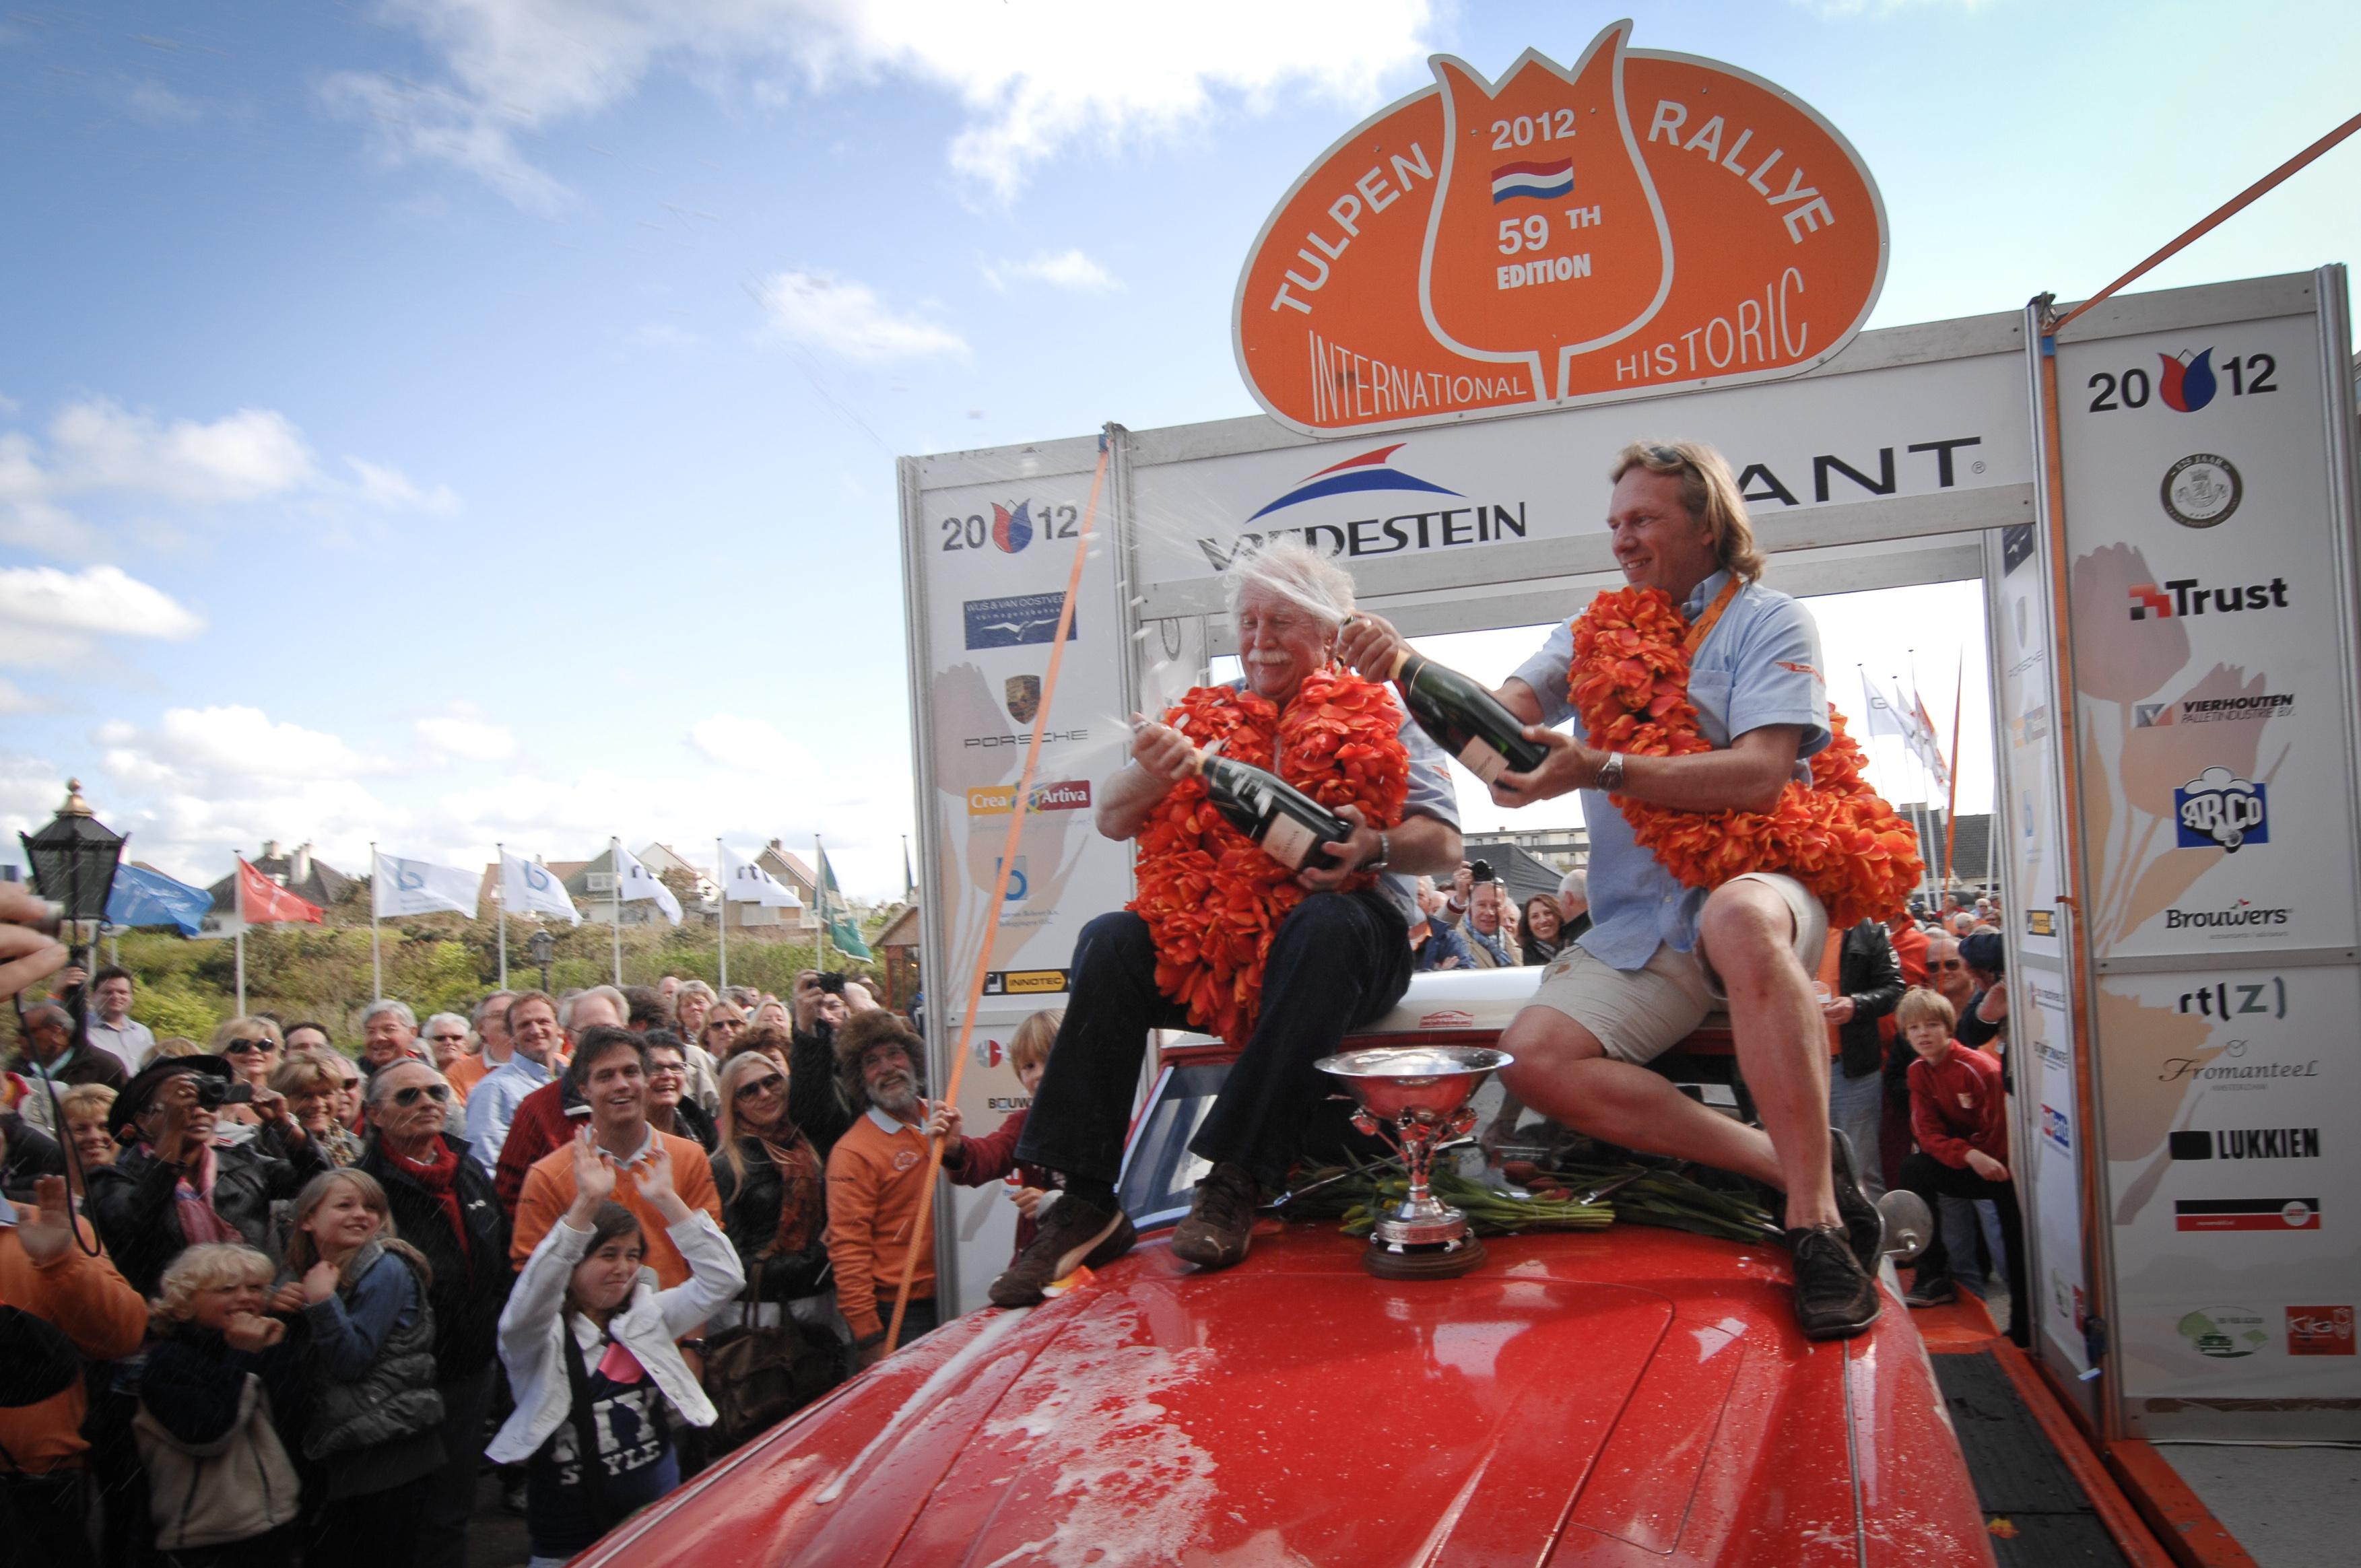 Sinke/Den Hartog winnen 59e Tulpenrallye